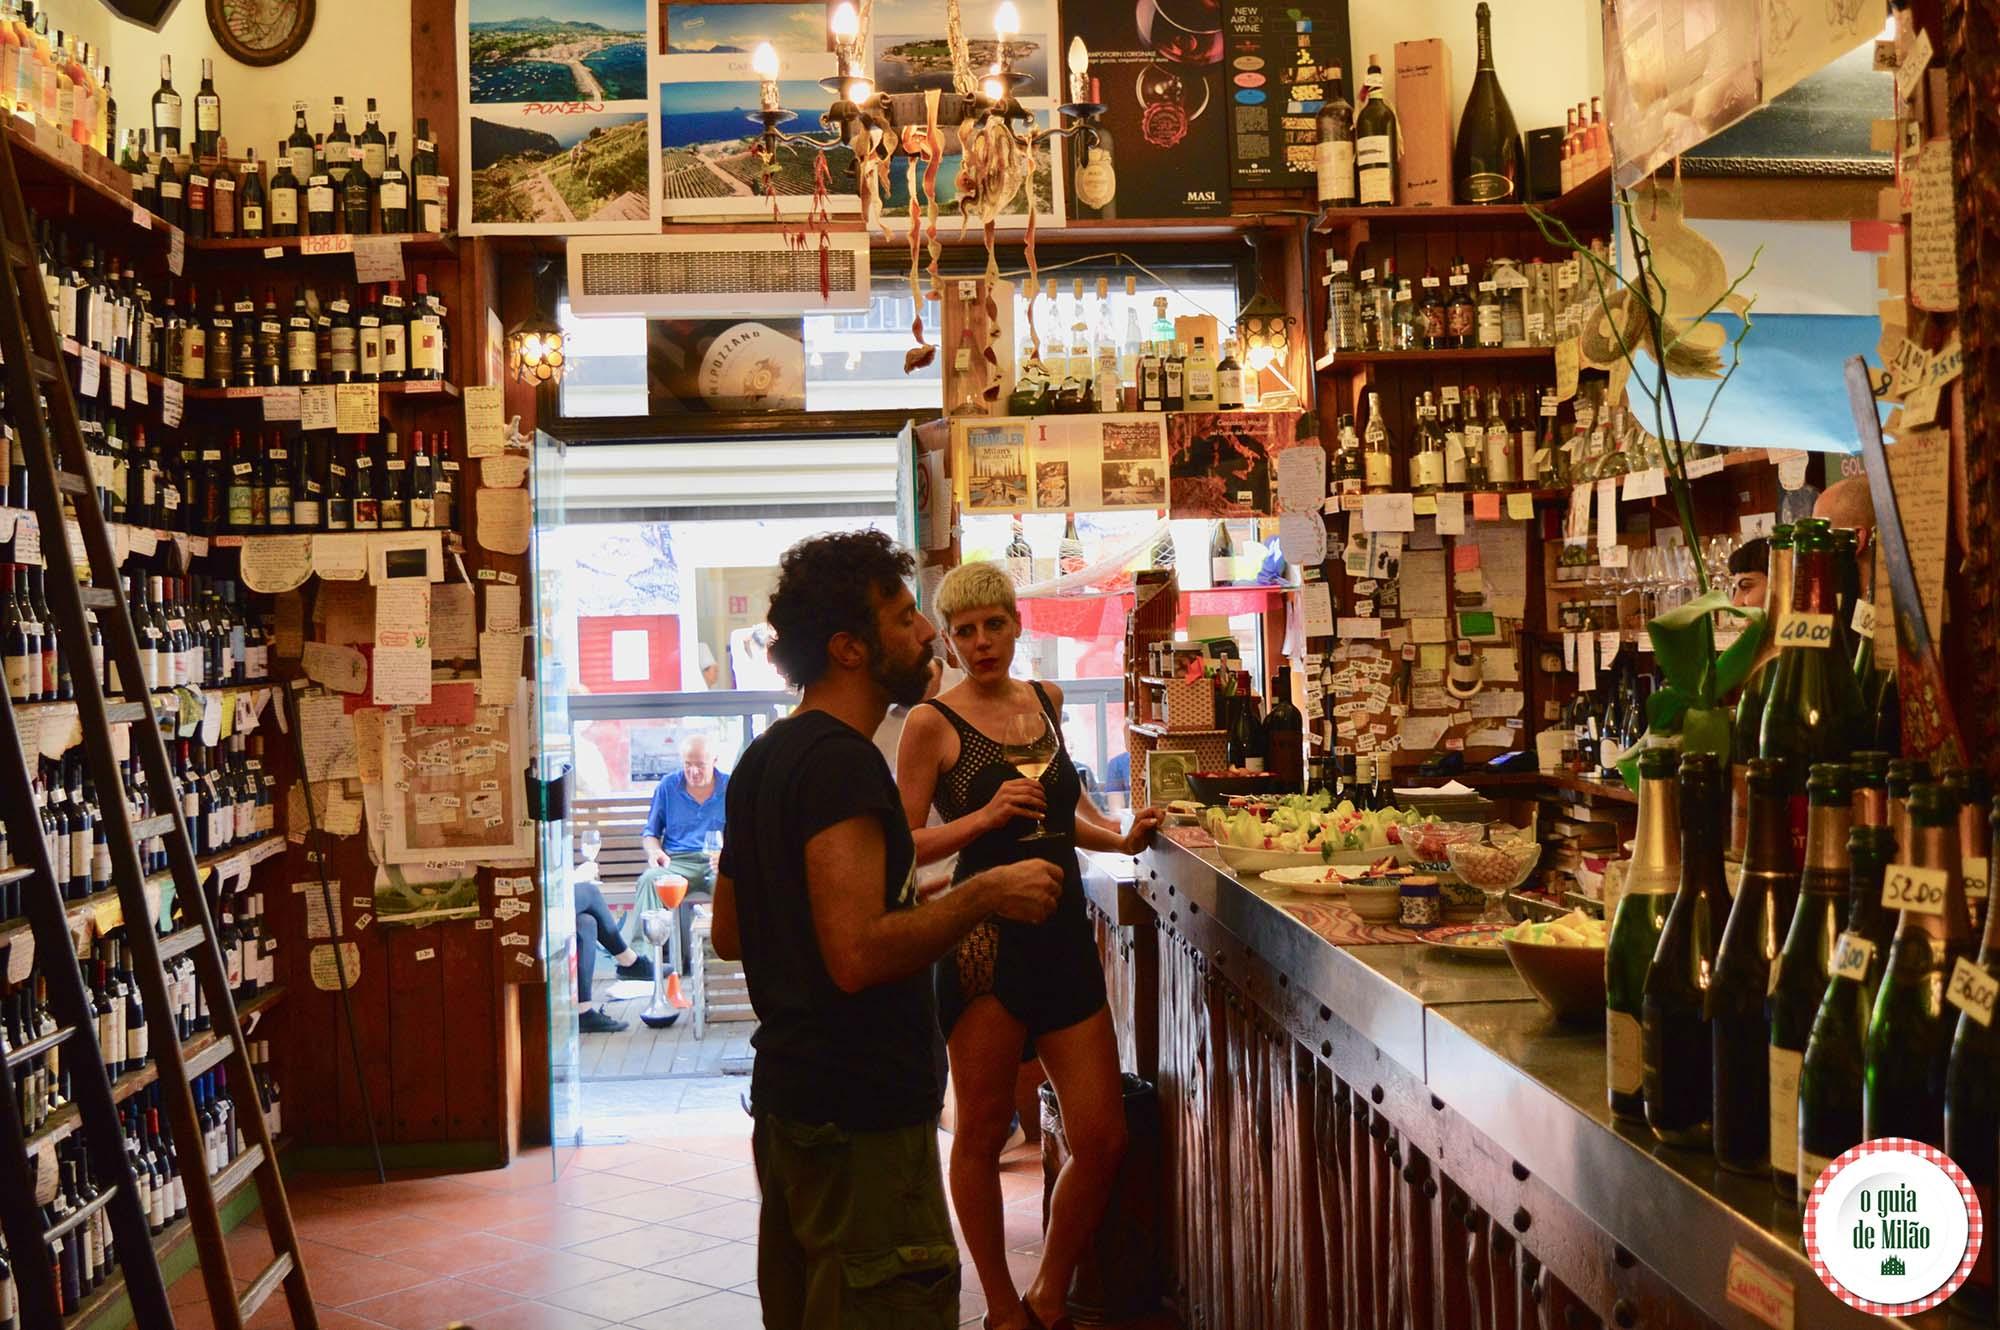 Cantine Isola em Milão